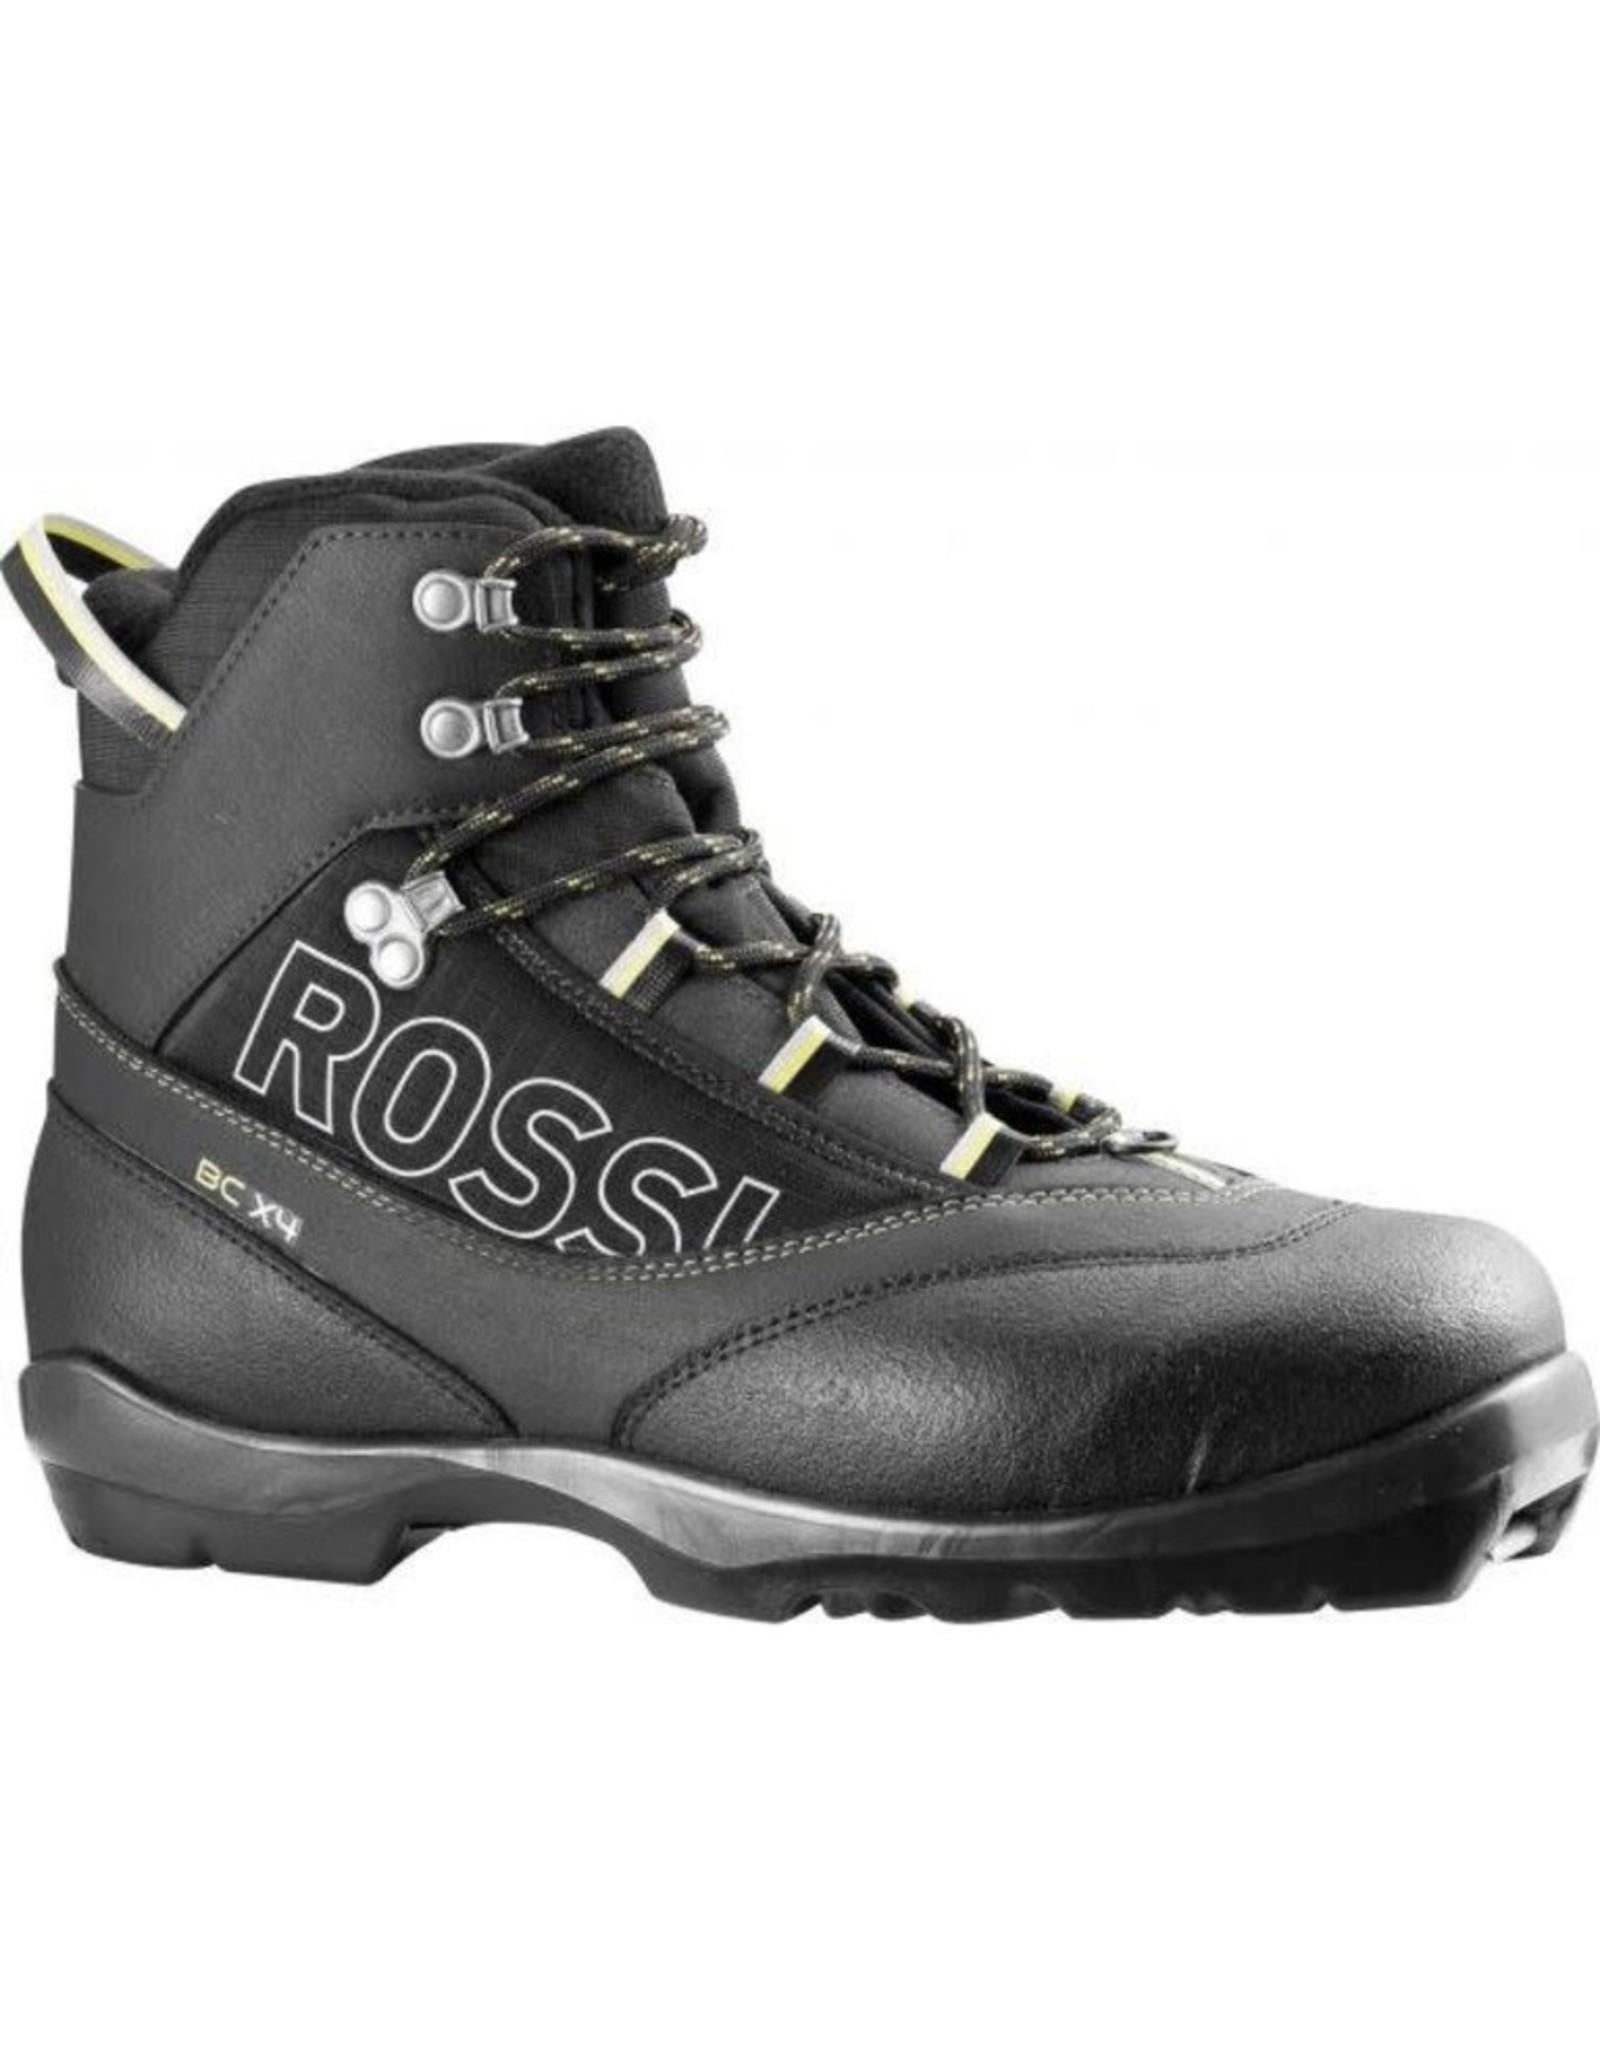 Rossignol Rossignol BC X 4